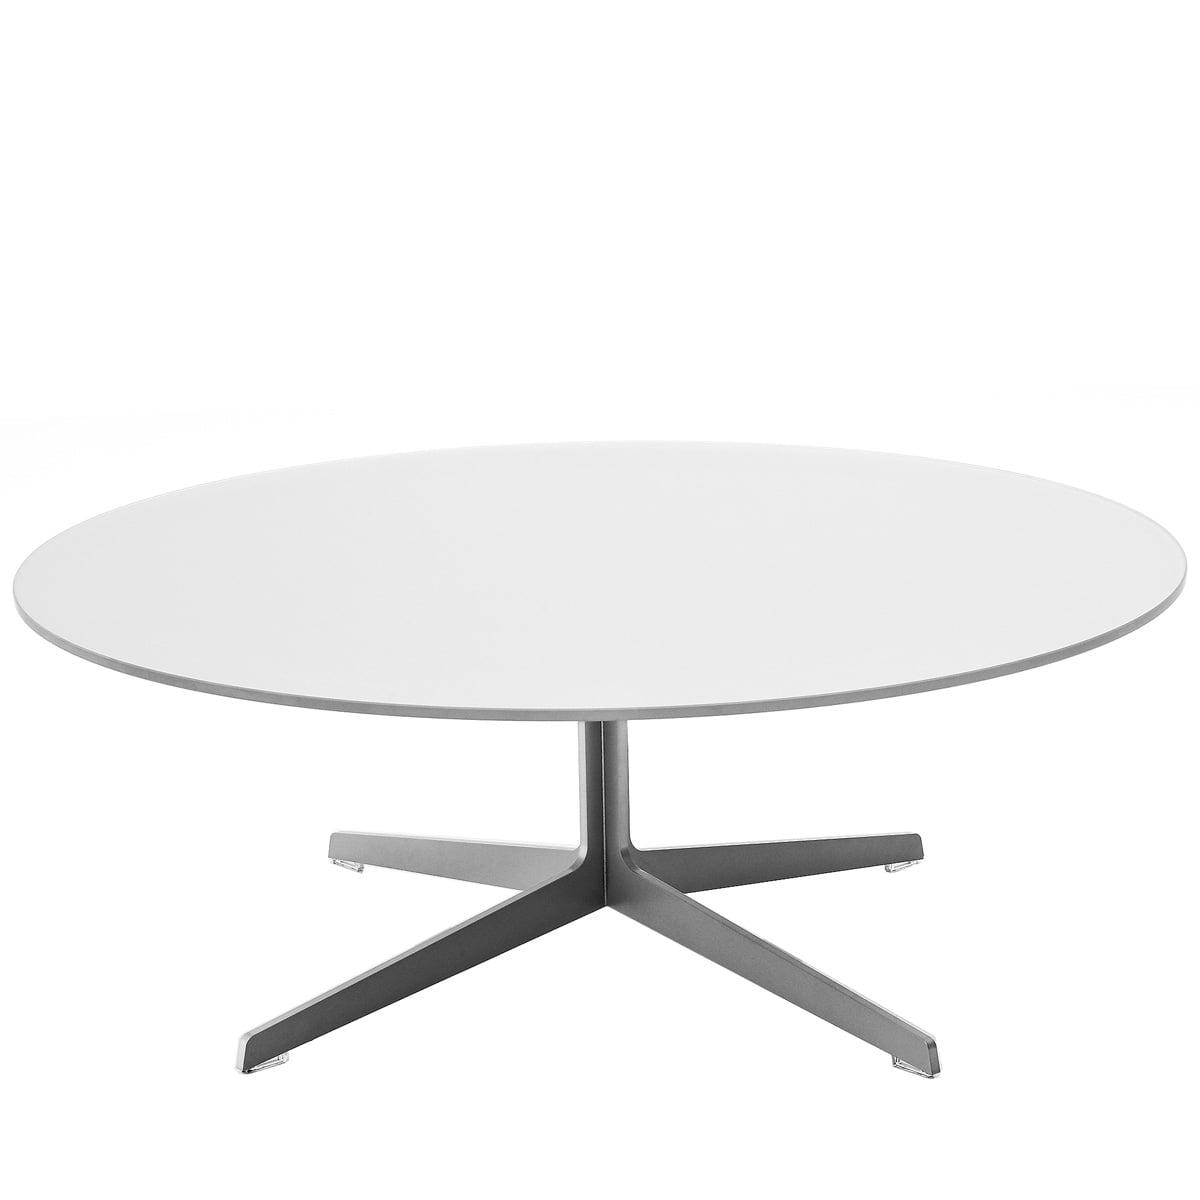 Table SpaceFritz Boutique Basse Hansen XPOkuTiZ